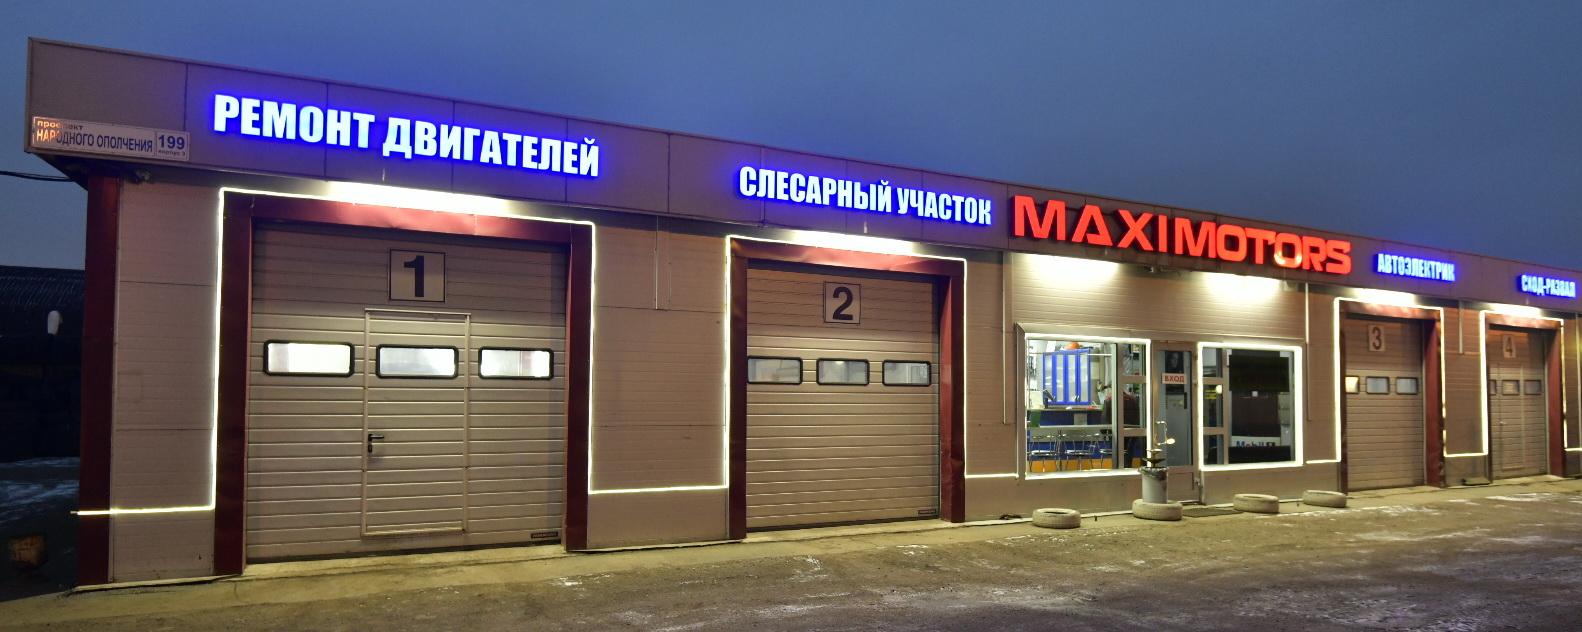 Фото автосервиса Максимоторс